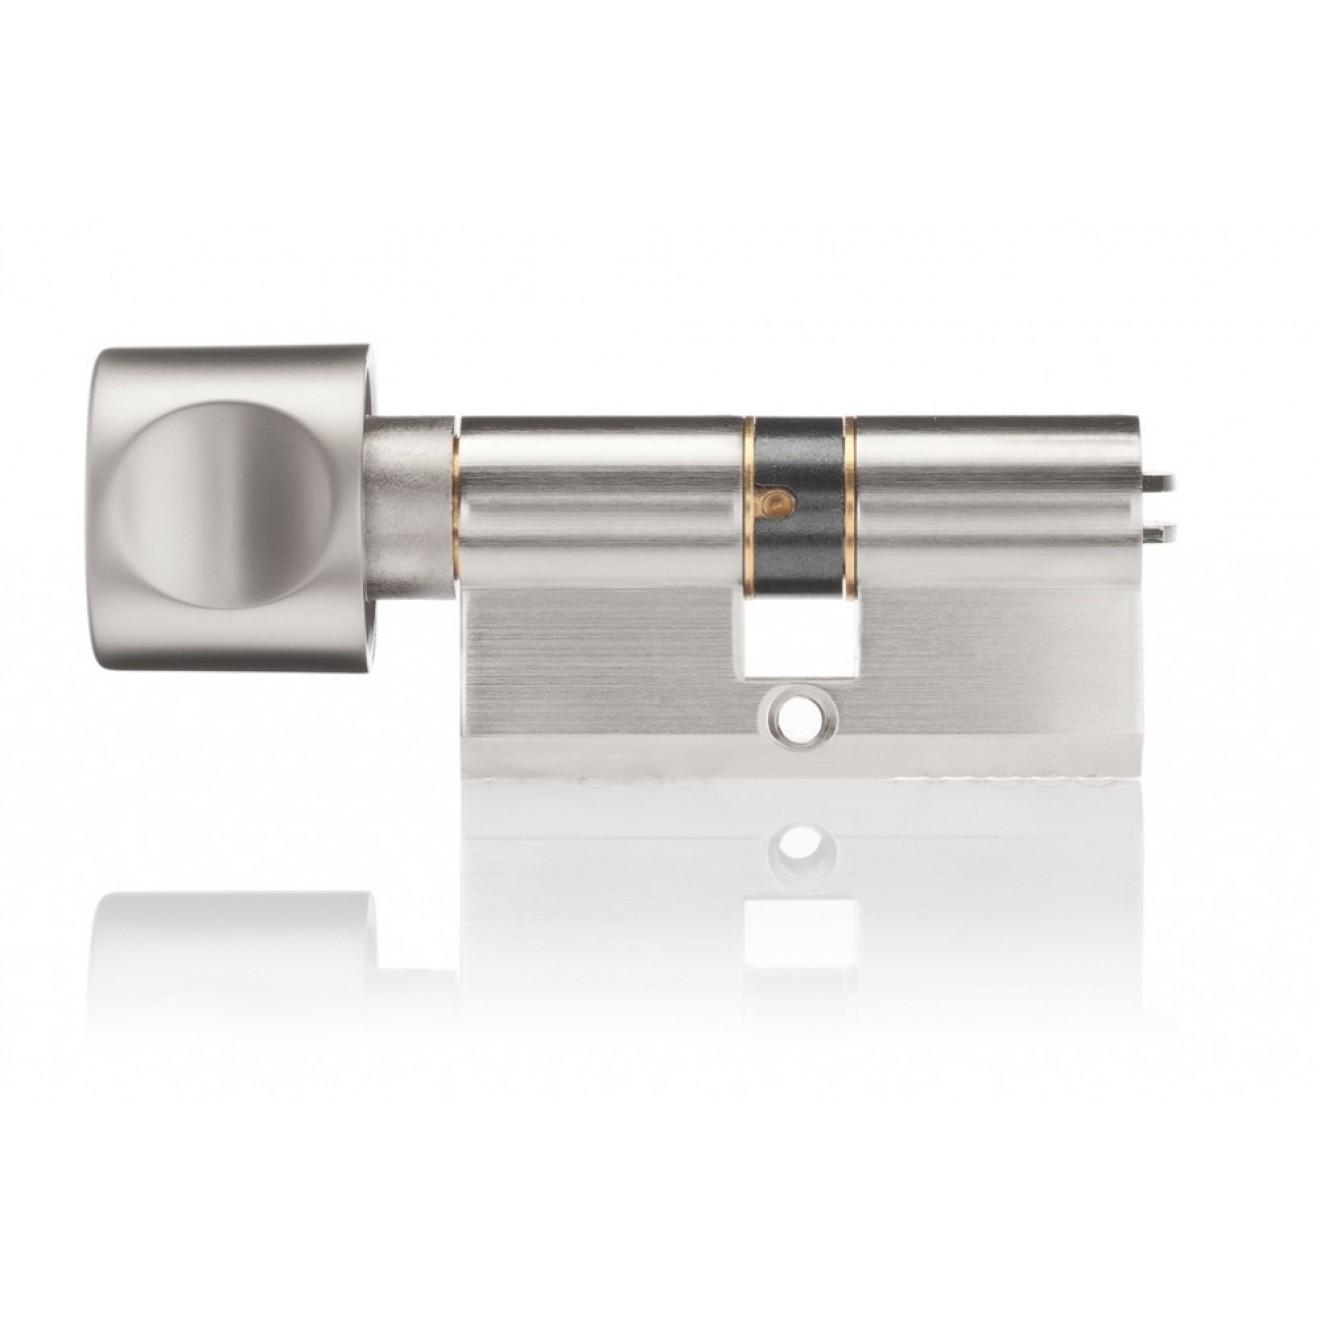 diamant schlie zylinder knauf mit schl sseln und sicherungskarte. Black Bedroom Furniture Sets. Home Design Ideas